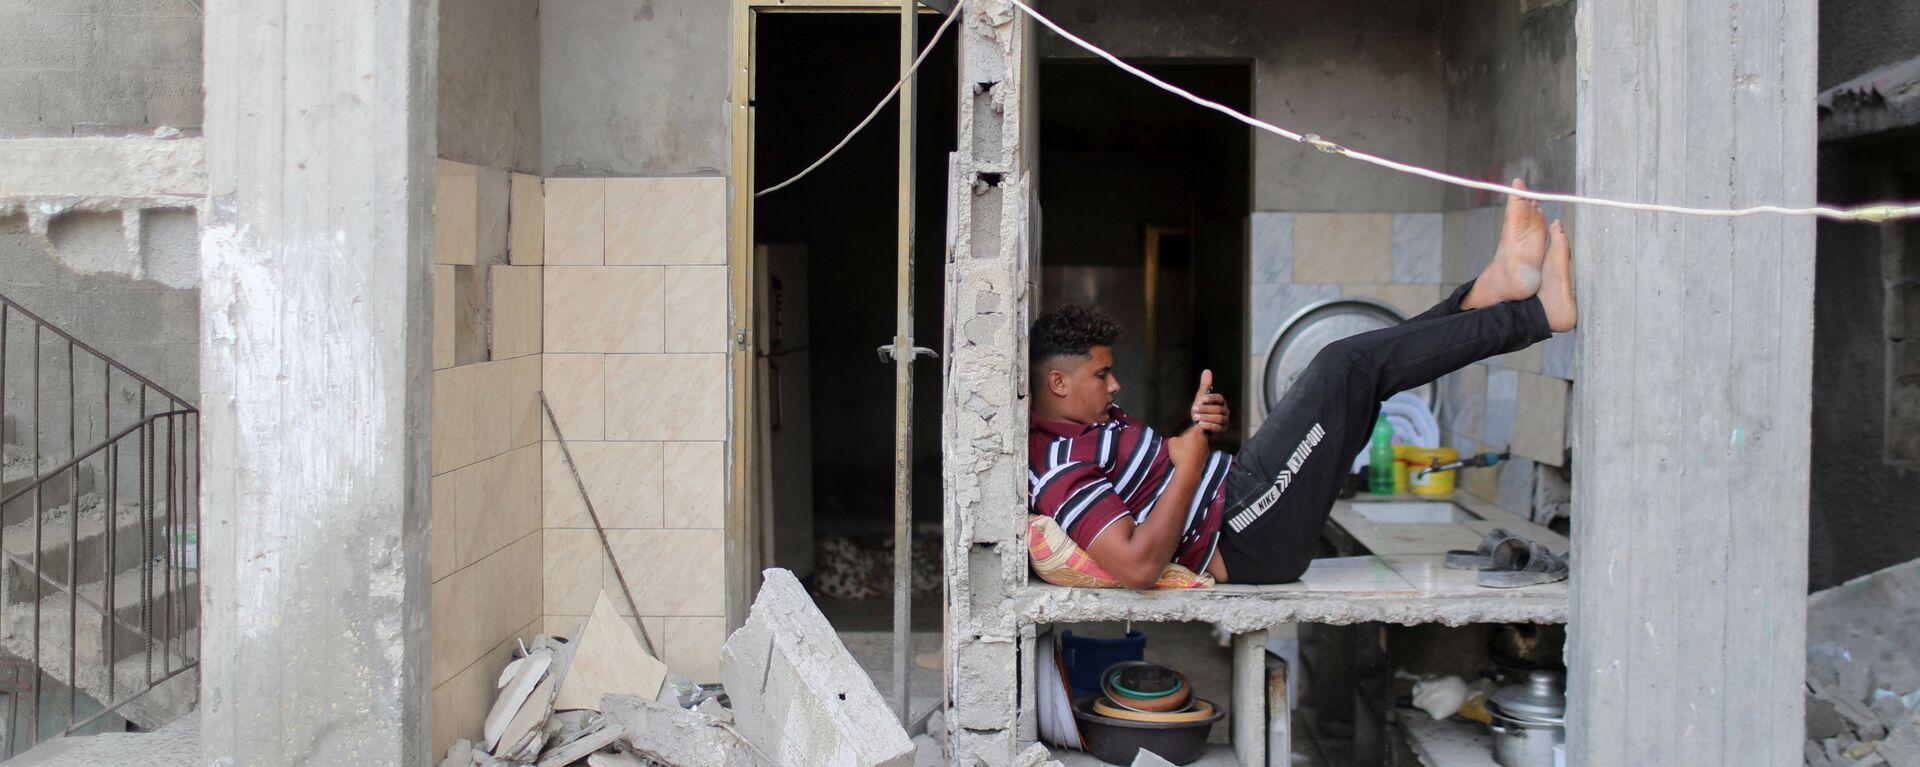 Палестинец в разрушенном здании в Газе - Sputnik Mundo, 1920, 16.06.2021